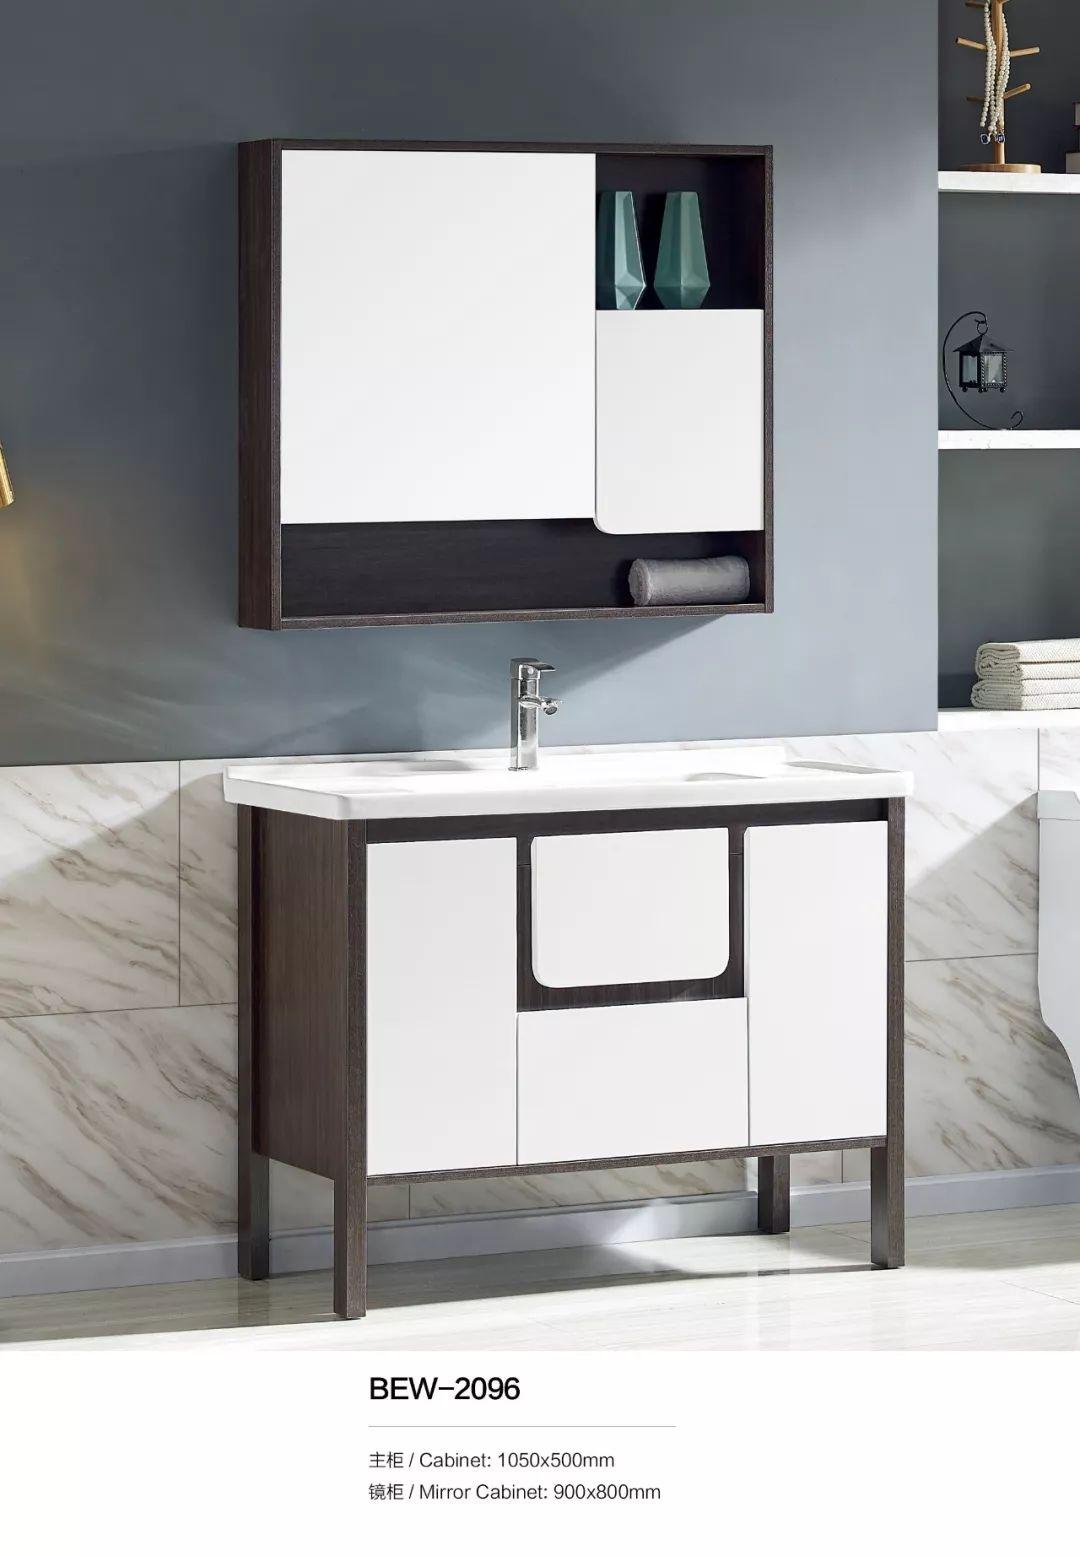 寒露已过,让泊尔沃浴室柜成为你家中浴室最温暖的角落吧